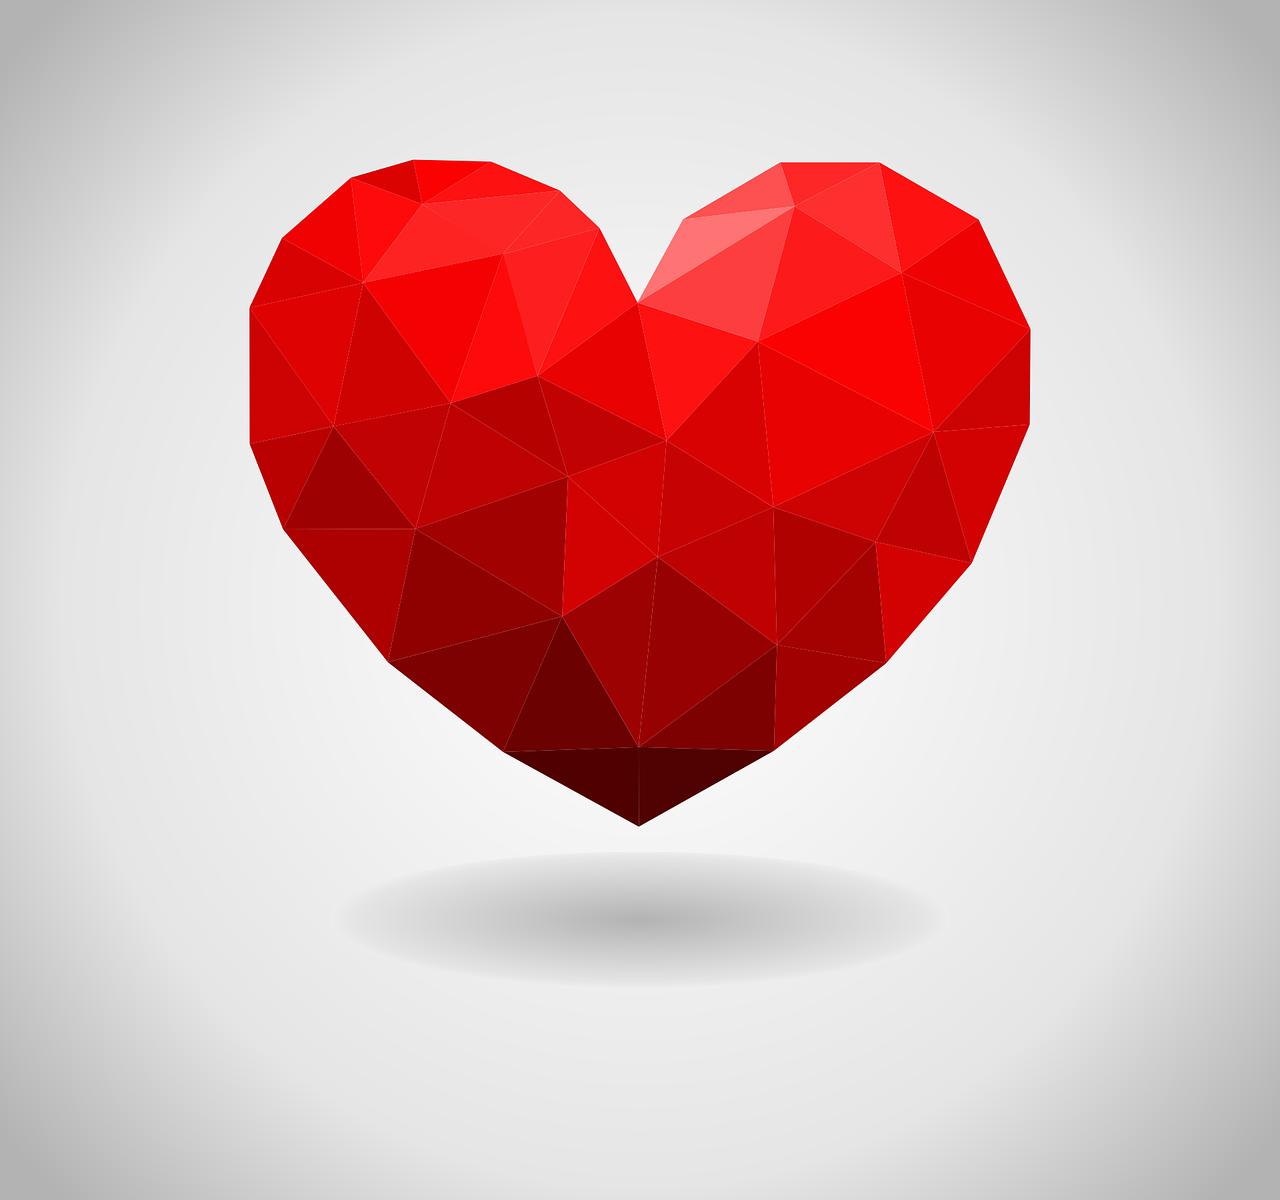 Heart Based Community Love